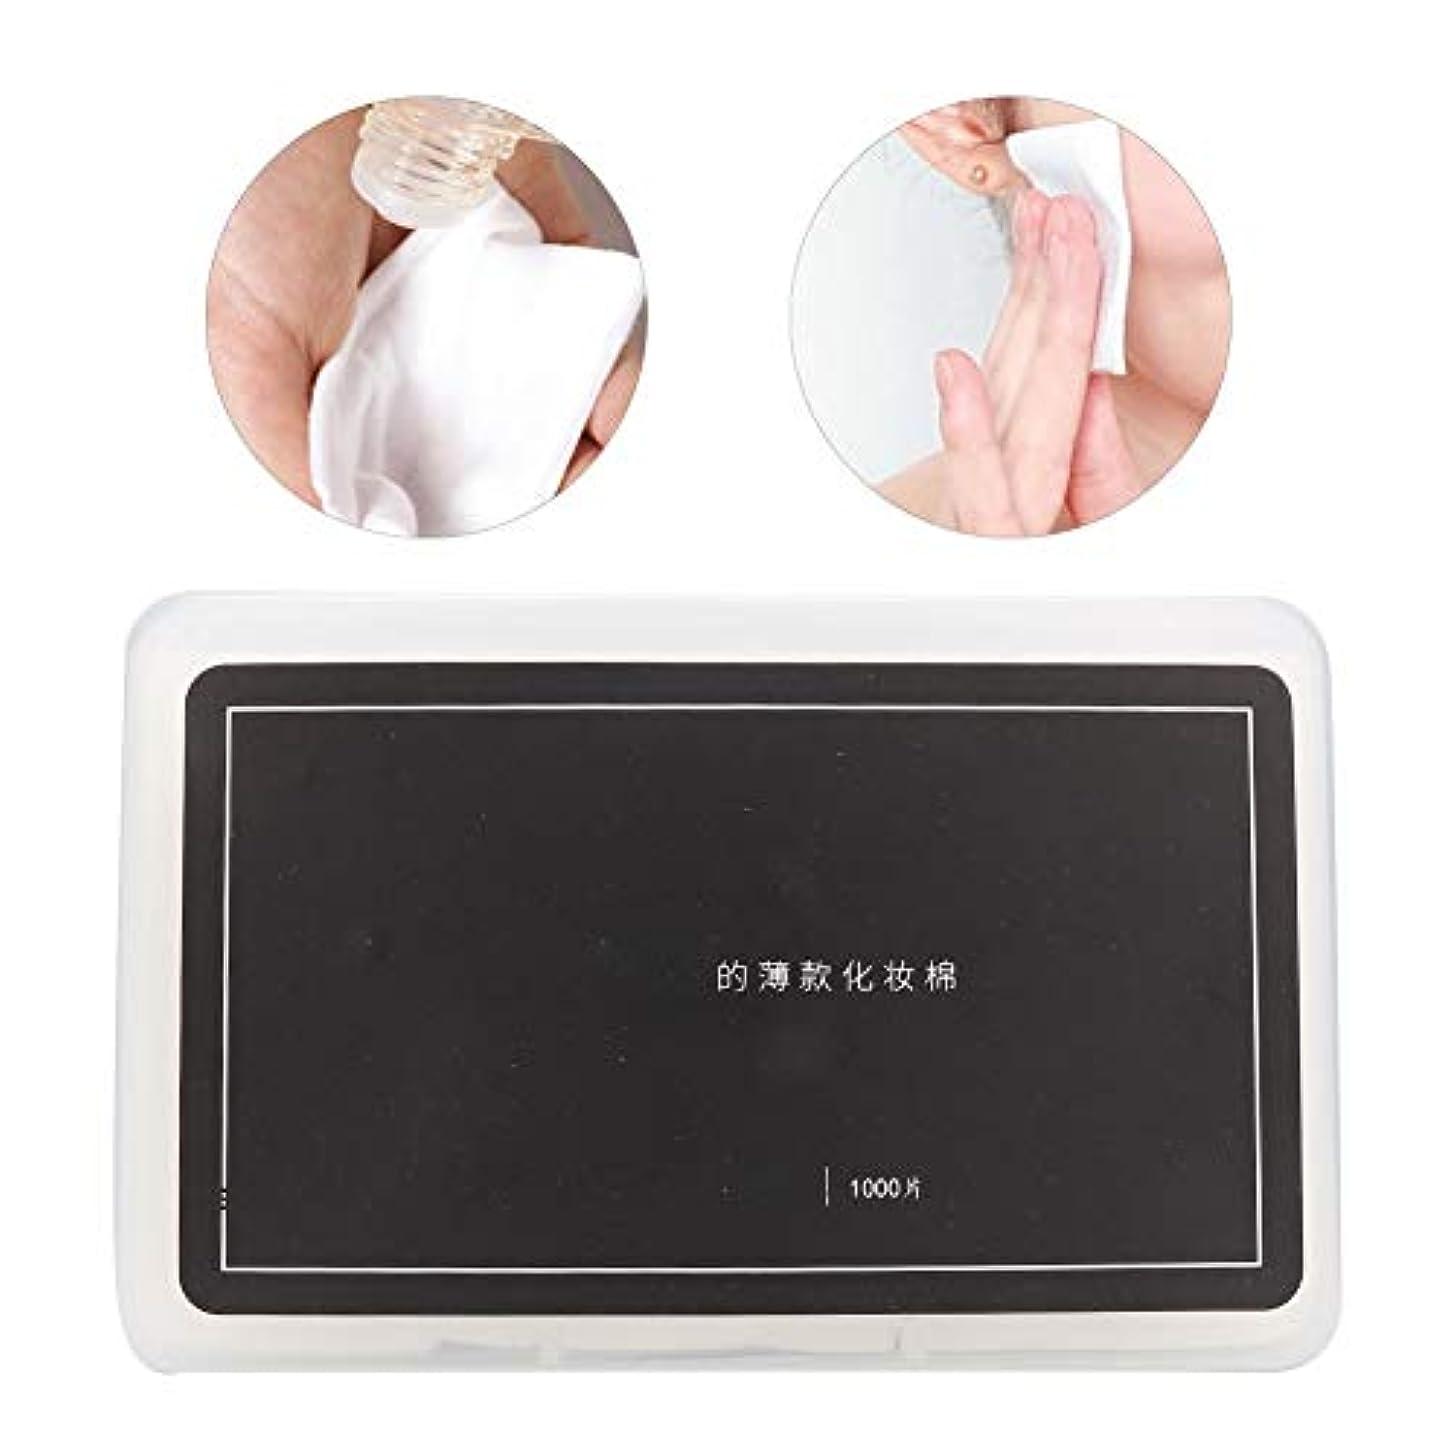 グローブ自分のために砂1000Pcs化粧コットンパッド、化粧落としネイルケア肌のためのボックスパッケージが付いている柔らかく穏やかな引き裂き抵抗の綿きれいに、不織布乾いたと濡れたデュアルユースコットン(1)